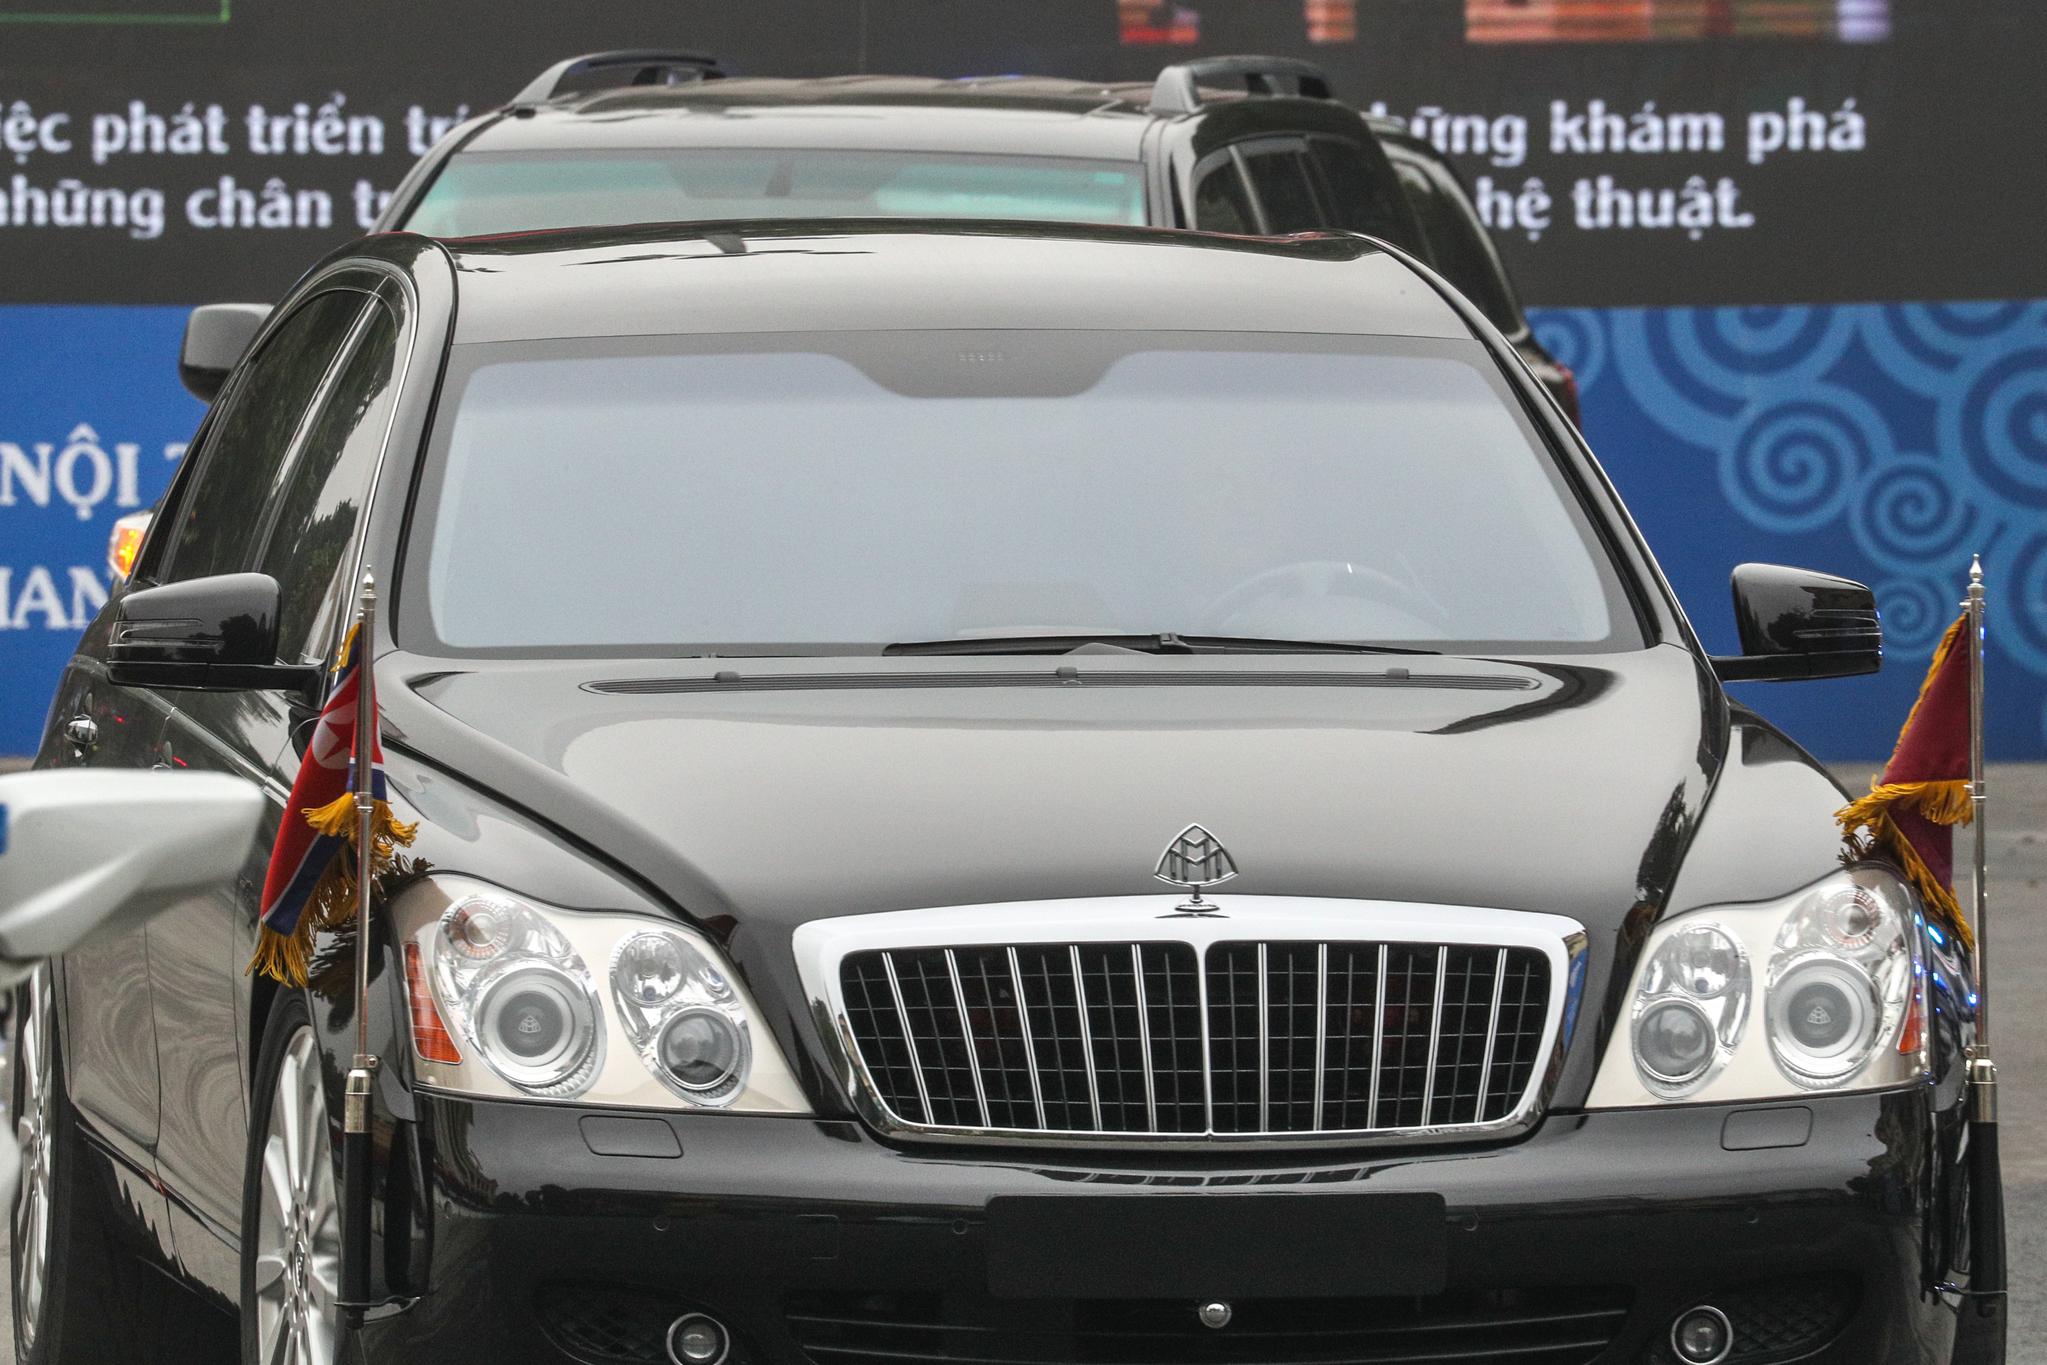 김정은 북한 국무위원장의 메르세데스 마이바흐 S600 차량. 사진은 2차 북미정상회담 당시인 지난해 2월 28일 김 위원장이 탑승한 차량 행렬이 베트남 하노이 메트로폴 호텔로 들어서고 있는 모습. 뉴스1